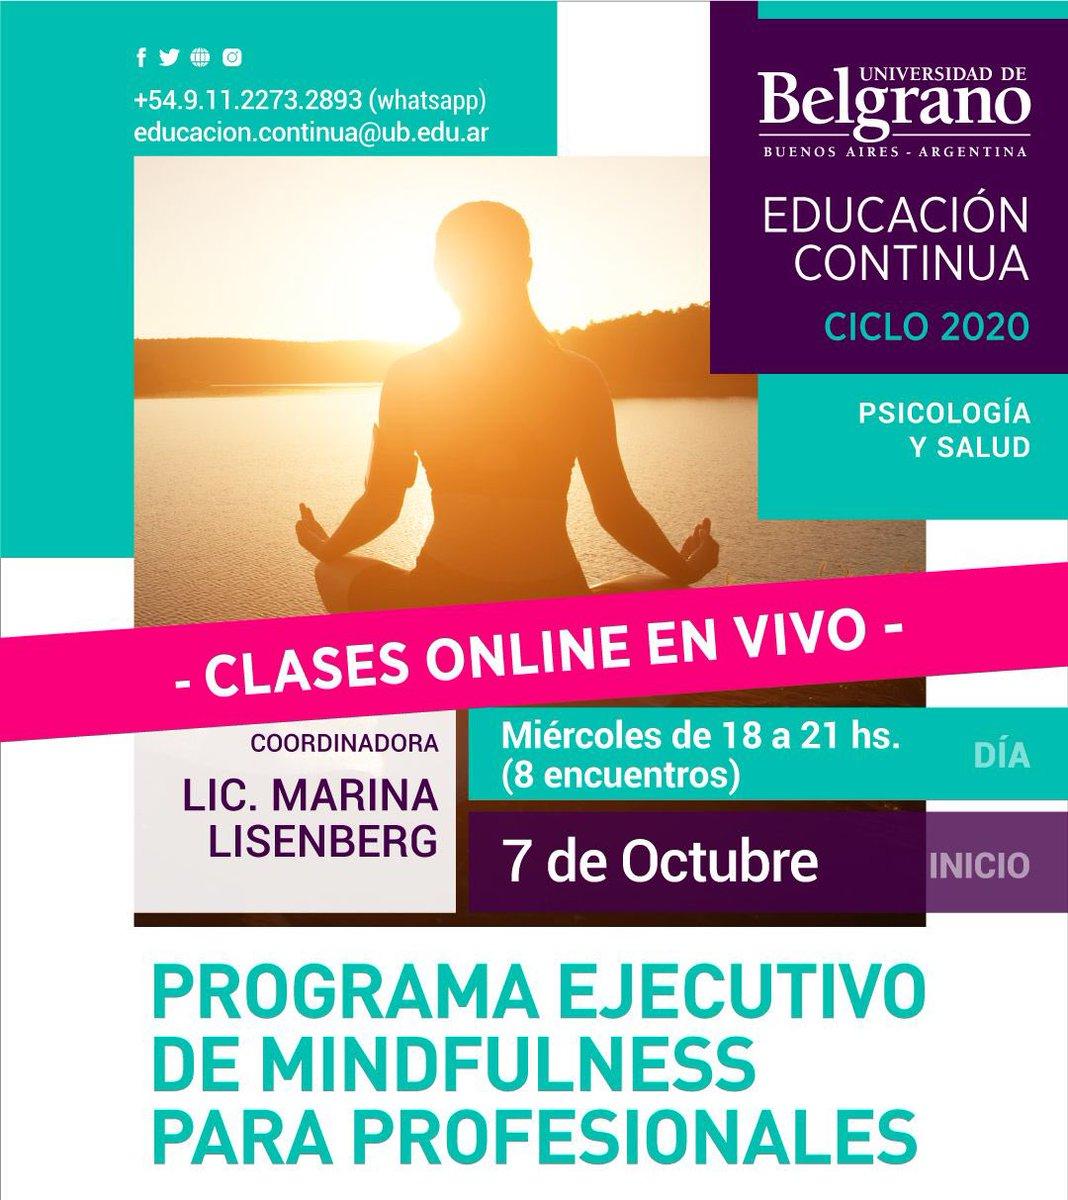 Programa Ejecutivo de #Mindfulness para profesionales. 07/10 - Miércoles de 18 a 21 Hs. • Educacion.continua@ub.edu.ar • Más información: https://t.co/MbgHqR9nQB https://t.co/wCfUH1mHeJ